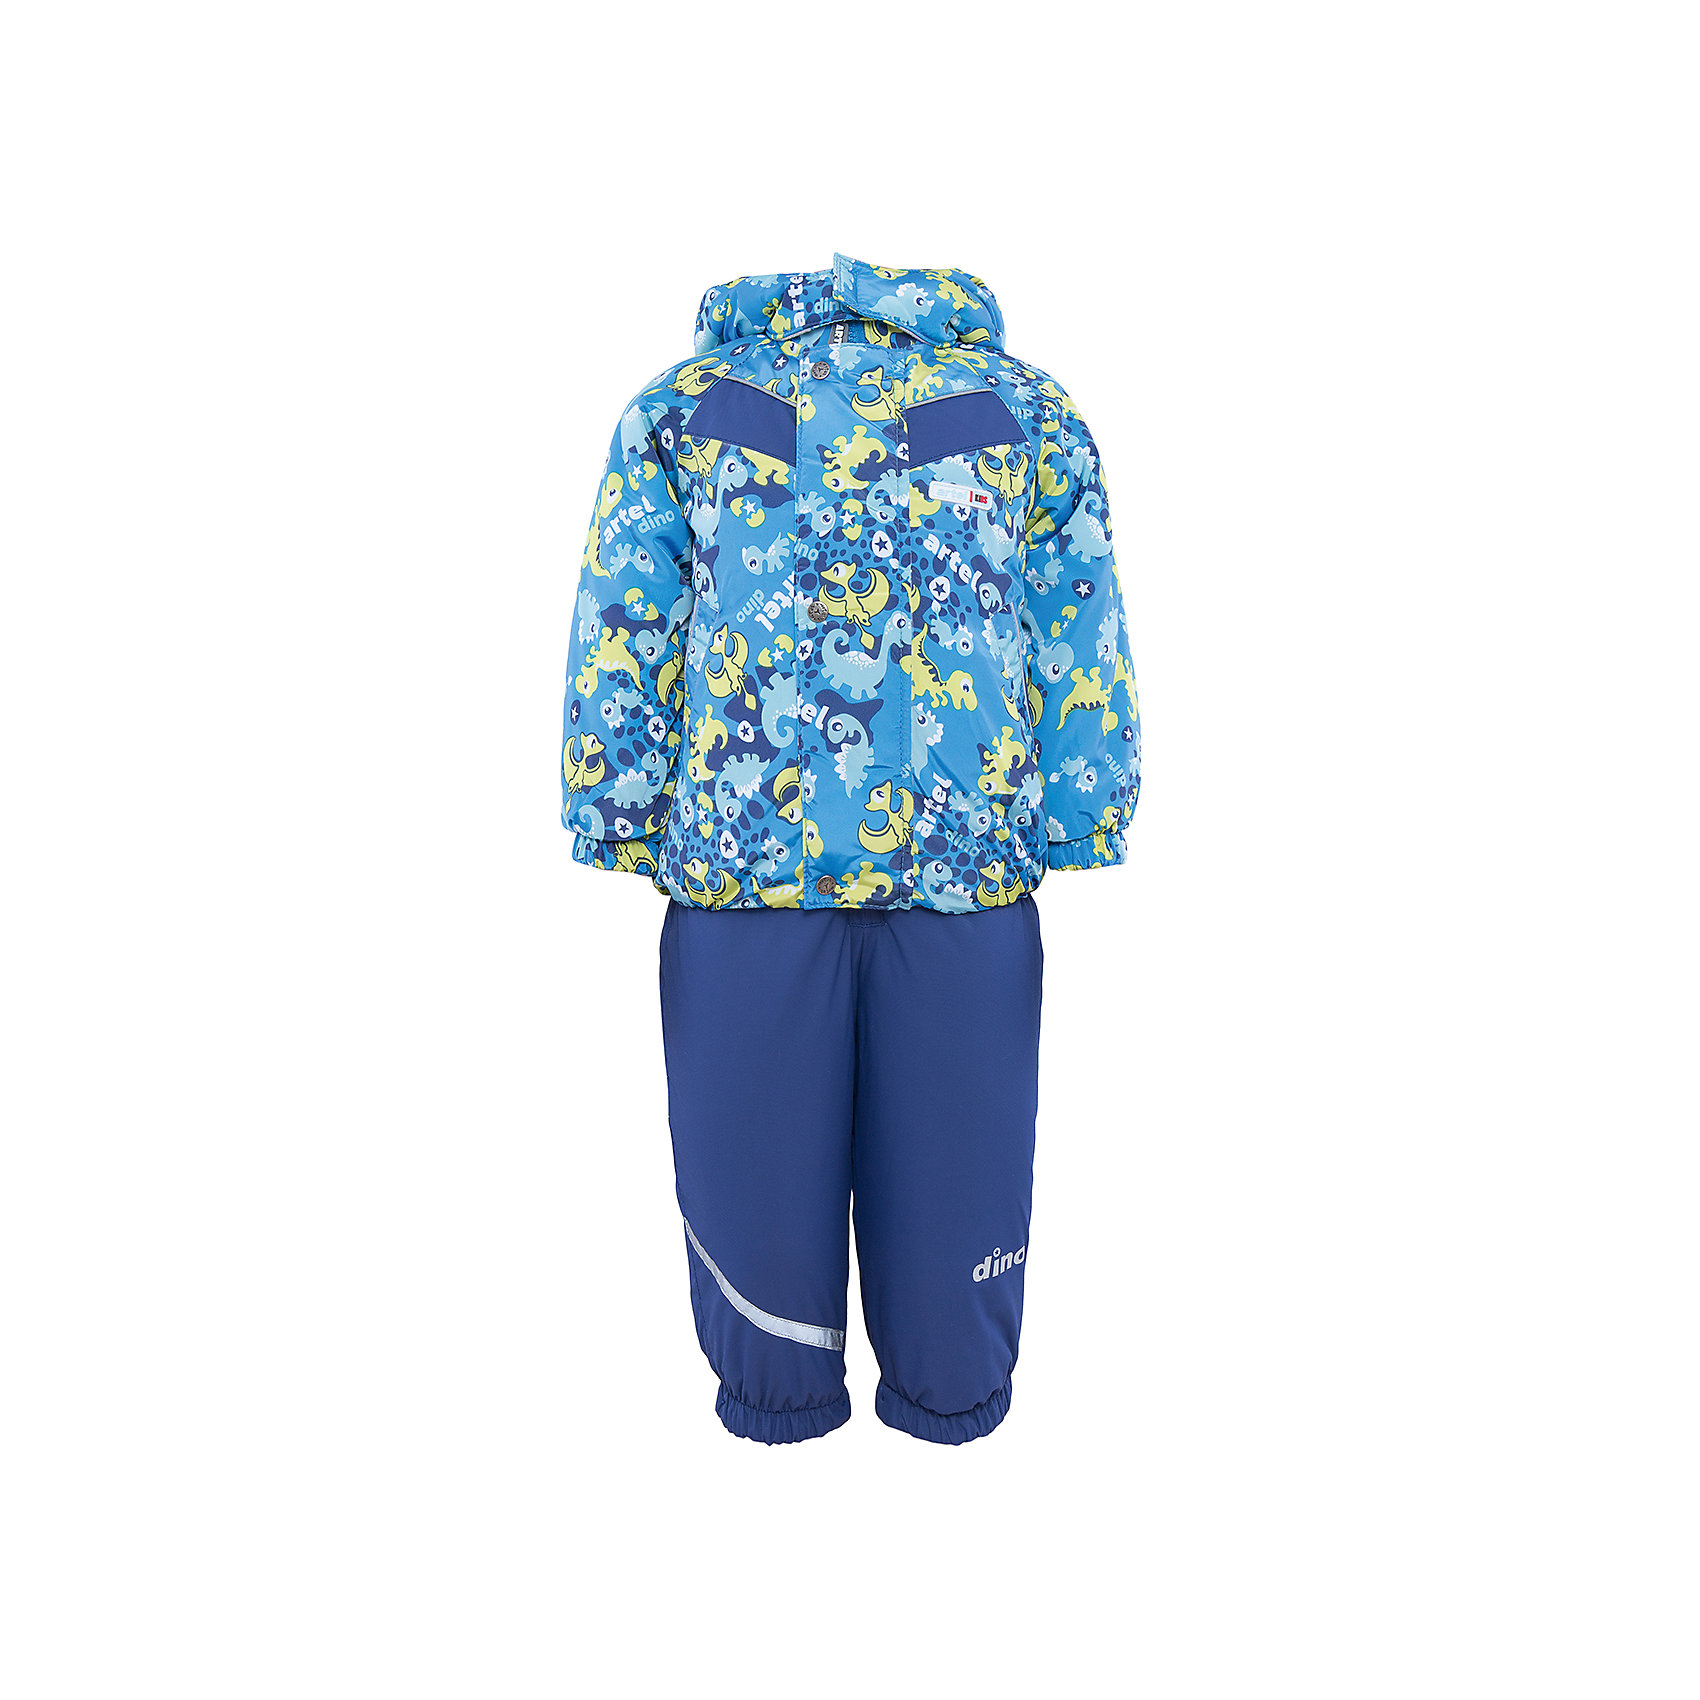 Комплект: куртка и полукомбинезон для мальчика АртельВерхняя одежда<br>Комплект: куртка и полукомбинезон для мальчика от известного бренда Артель<br>Комплект на современном утеплителеиз мембранной ткани, позволит малышу долго гулять даже в самую слякотную погоду, кататься с мокрых горок и не промокнуть. Куртка выполнена из ткани с оригинальным принтом динозавриков. Центральный замок на молнию прикрыт декоративной планкой-рюшей. Функцию дополнительной защиты от ветра выполняют: глубокий капюшон с резинкой по краю, кулиска с резинкой по низу куртки и резинка с флисовой внутренней вставкой на рукавах. У полукомбинезона регулируется длина бретелек. По низу штанишек расположены штрипки, которые фиксируются на сапожках, удерживают штанину от задирания и обеспечивают дополнительную защиту от скольжения. Сзади, по линии талии, для дополнительной фиксации, расположена резинка.<br>Состав:<br>Верх: КВ-703<br>Подкладка: интерлок, ПЭ<br>Утеплитель: термофин 200гр<br><br>Ширина мм: 215<br>Глубина мм: 88<br>Высота мм: 191<br>Вес г: 336<br>Цвет: синий<br>Возраст от месяцев: 48<br>Возраст до месяцев: 60<br>Пол: Мужской<br>Возраст: Детский<br>Размер: 110,80,86,104<br>SKU: 4963914